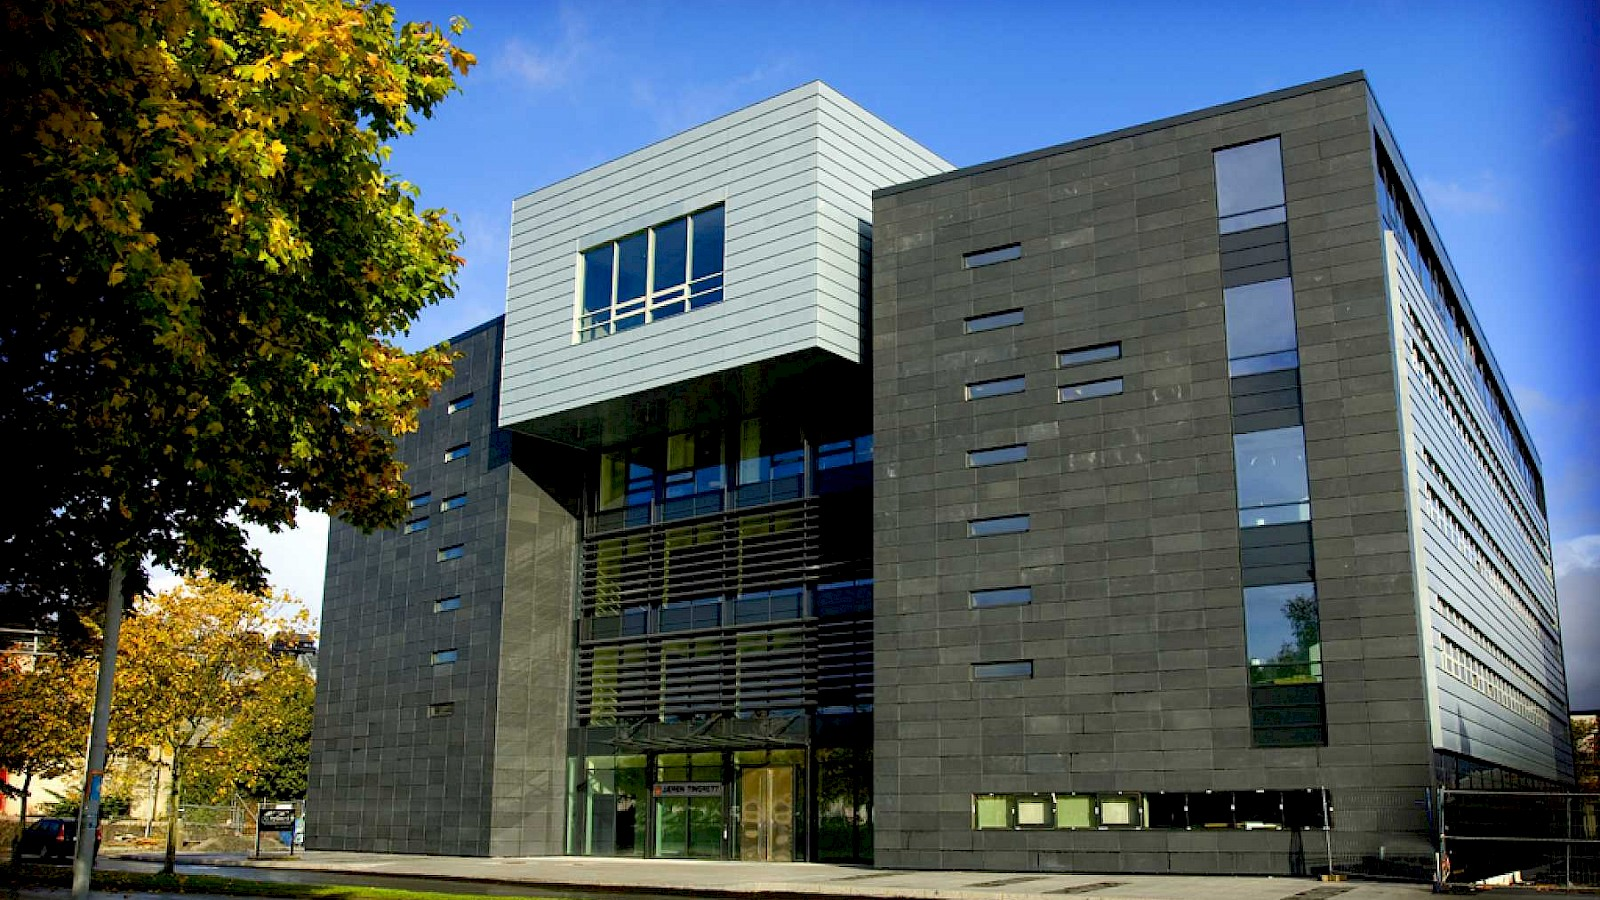 Vernepleierutdanningen flyttet i 2007 inn på ny campus i Vågsgaten i Sandnes